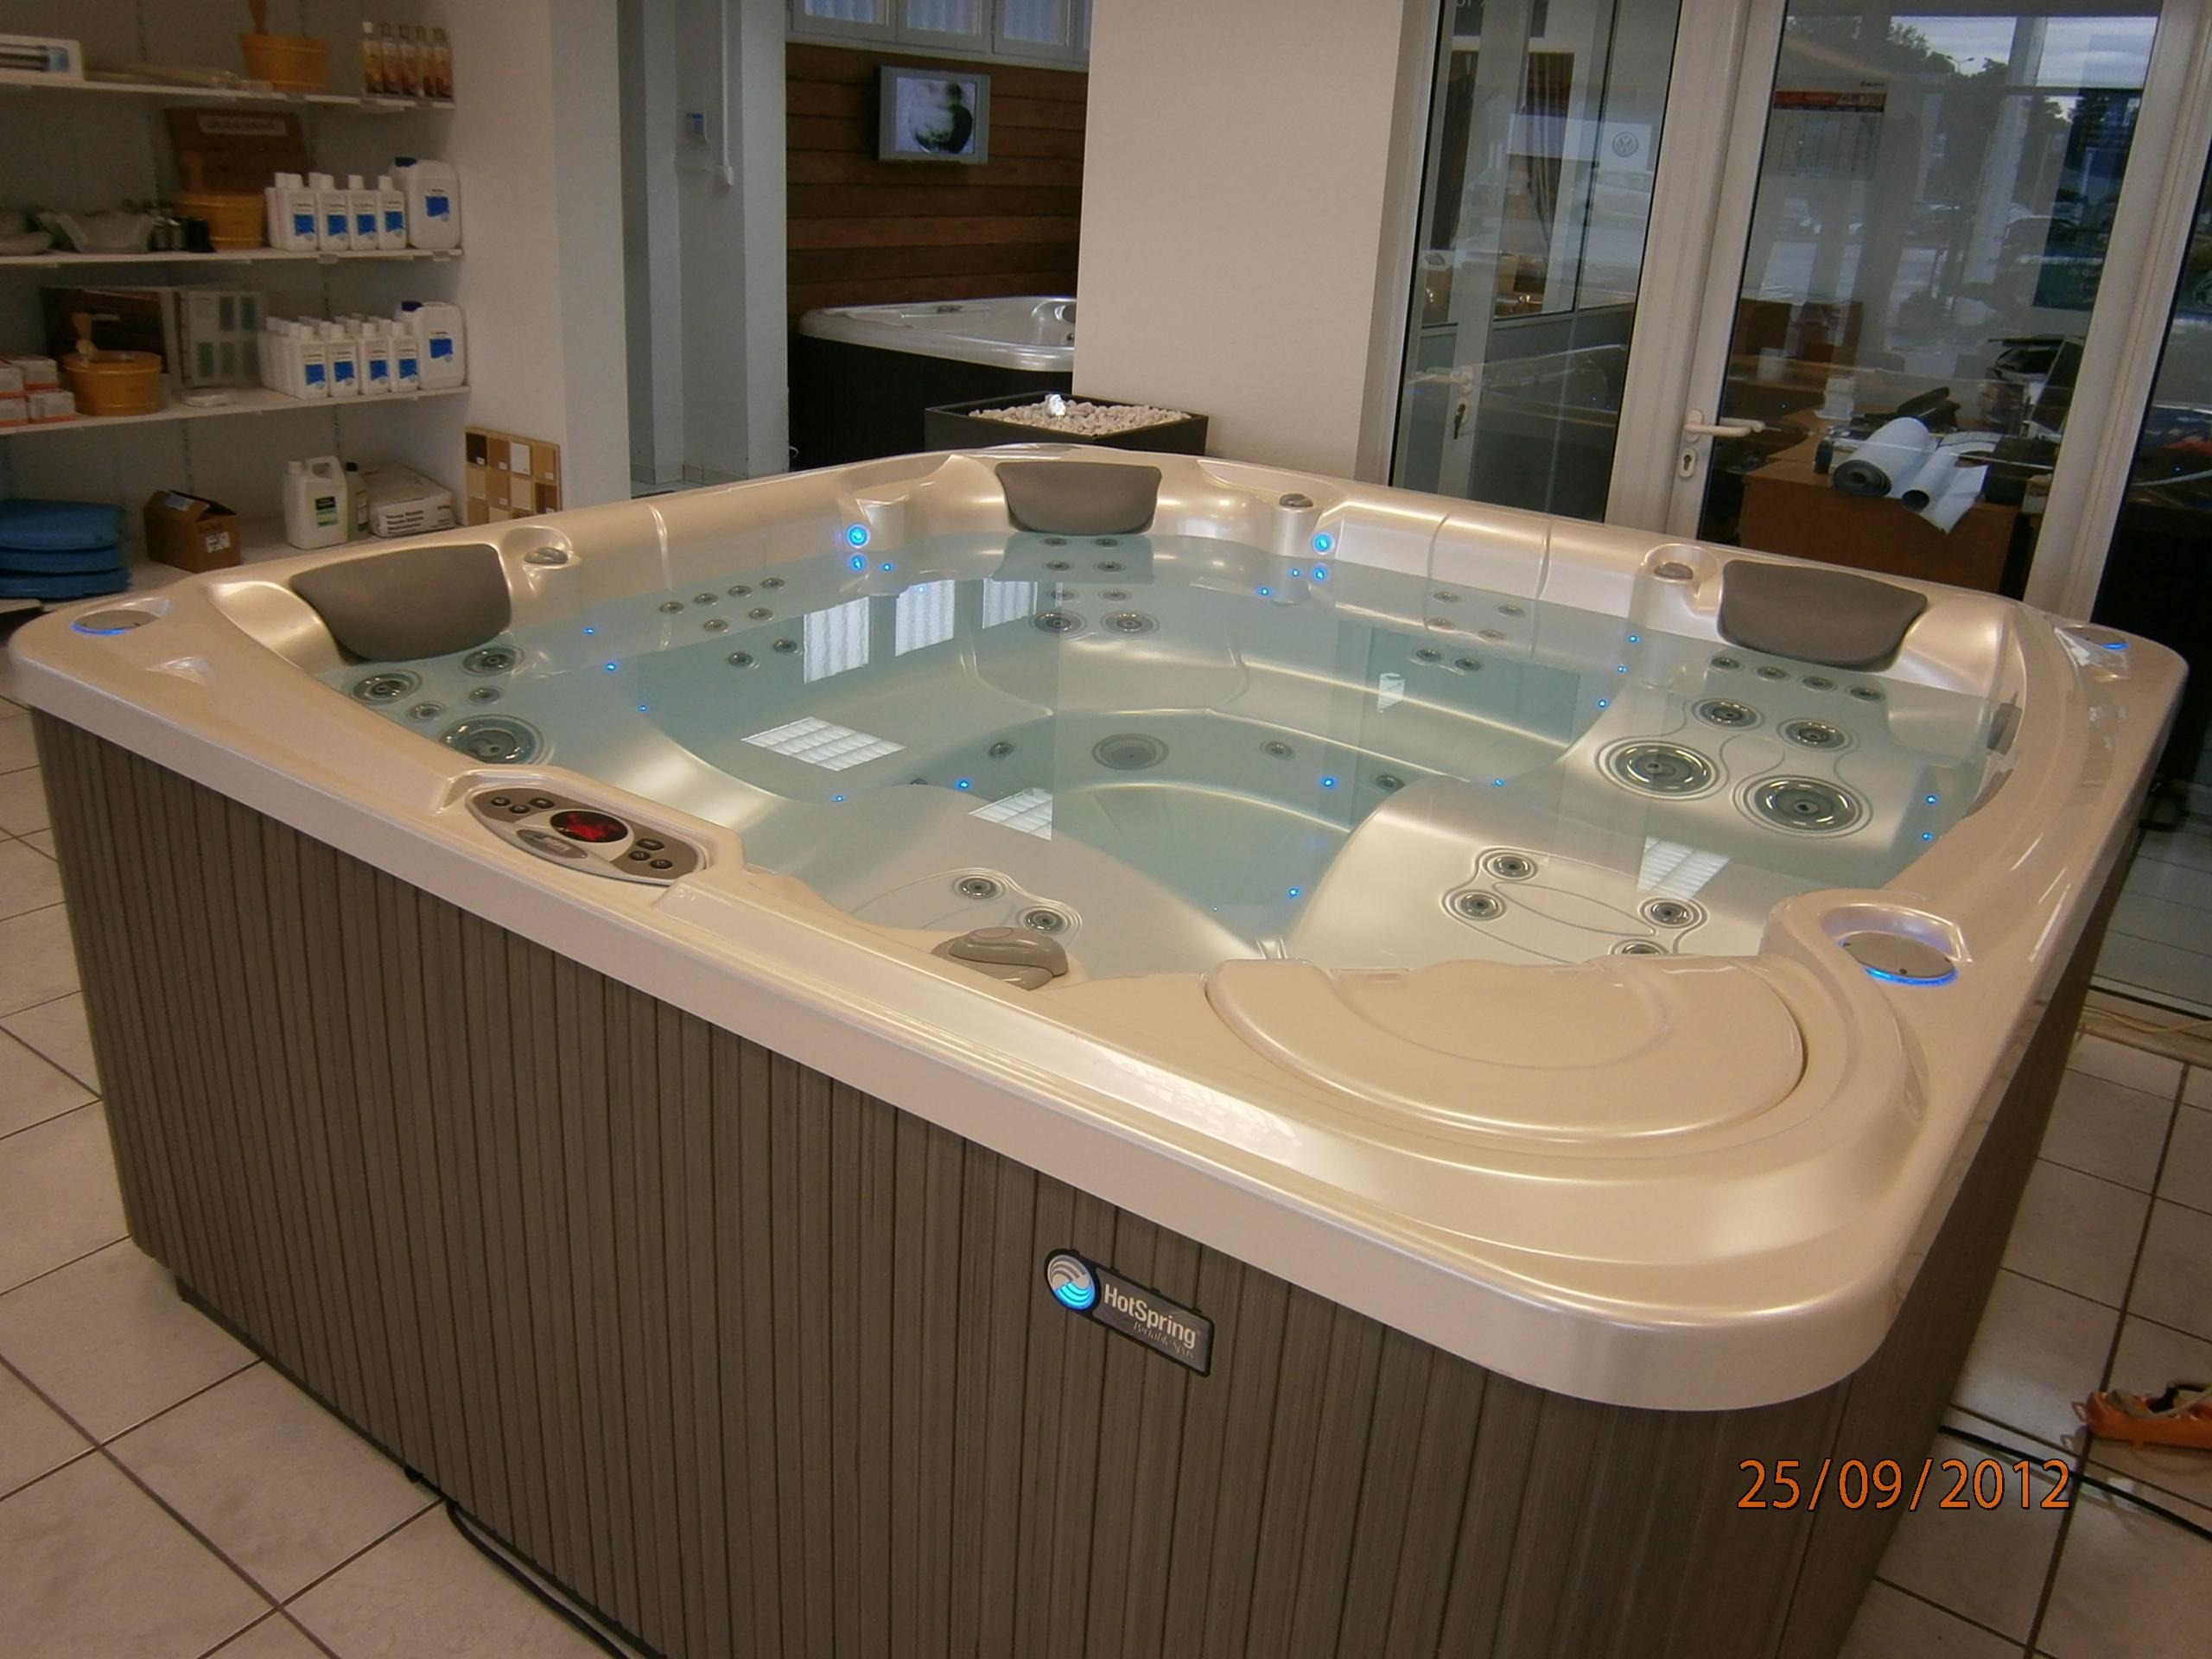 Spa et hydromassage en alsace exposition centre d 39 essai for Constructeur piscine alsace